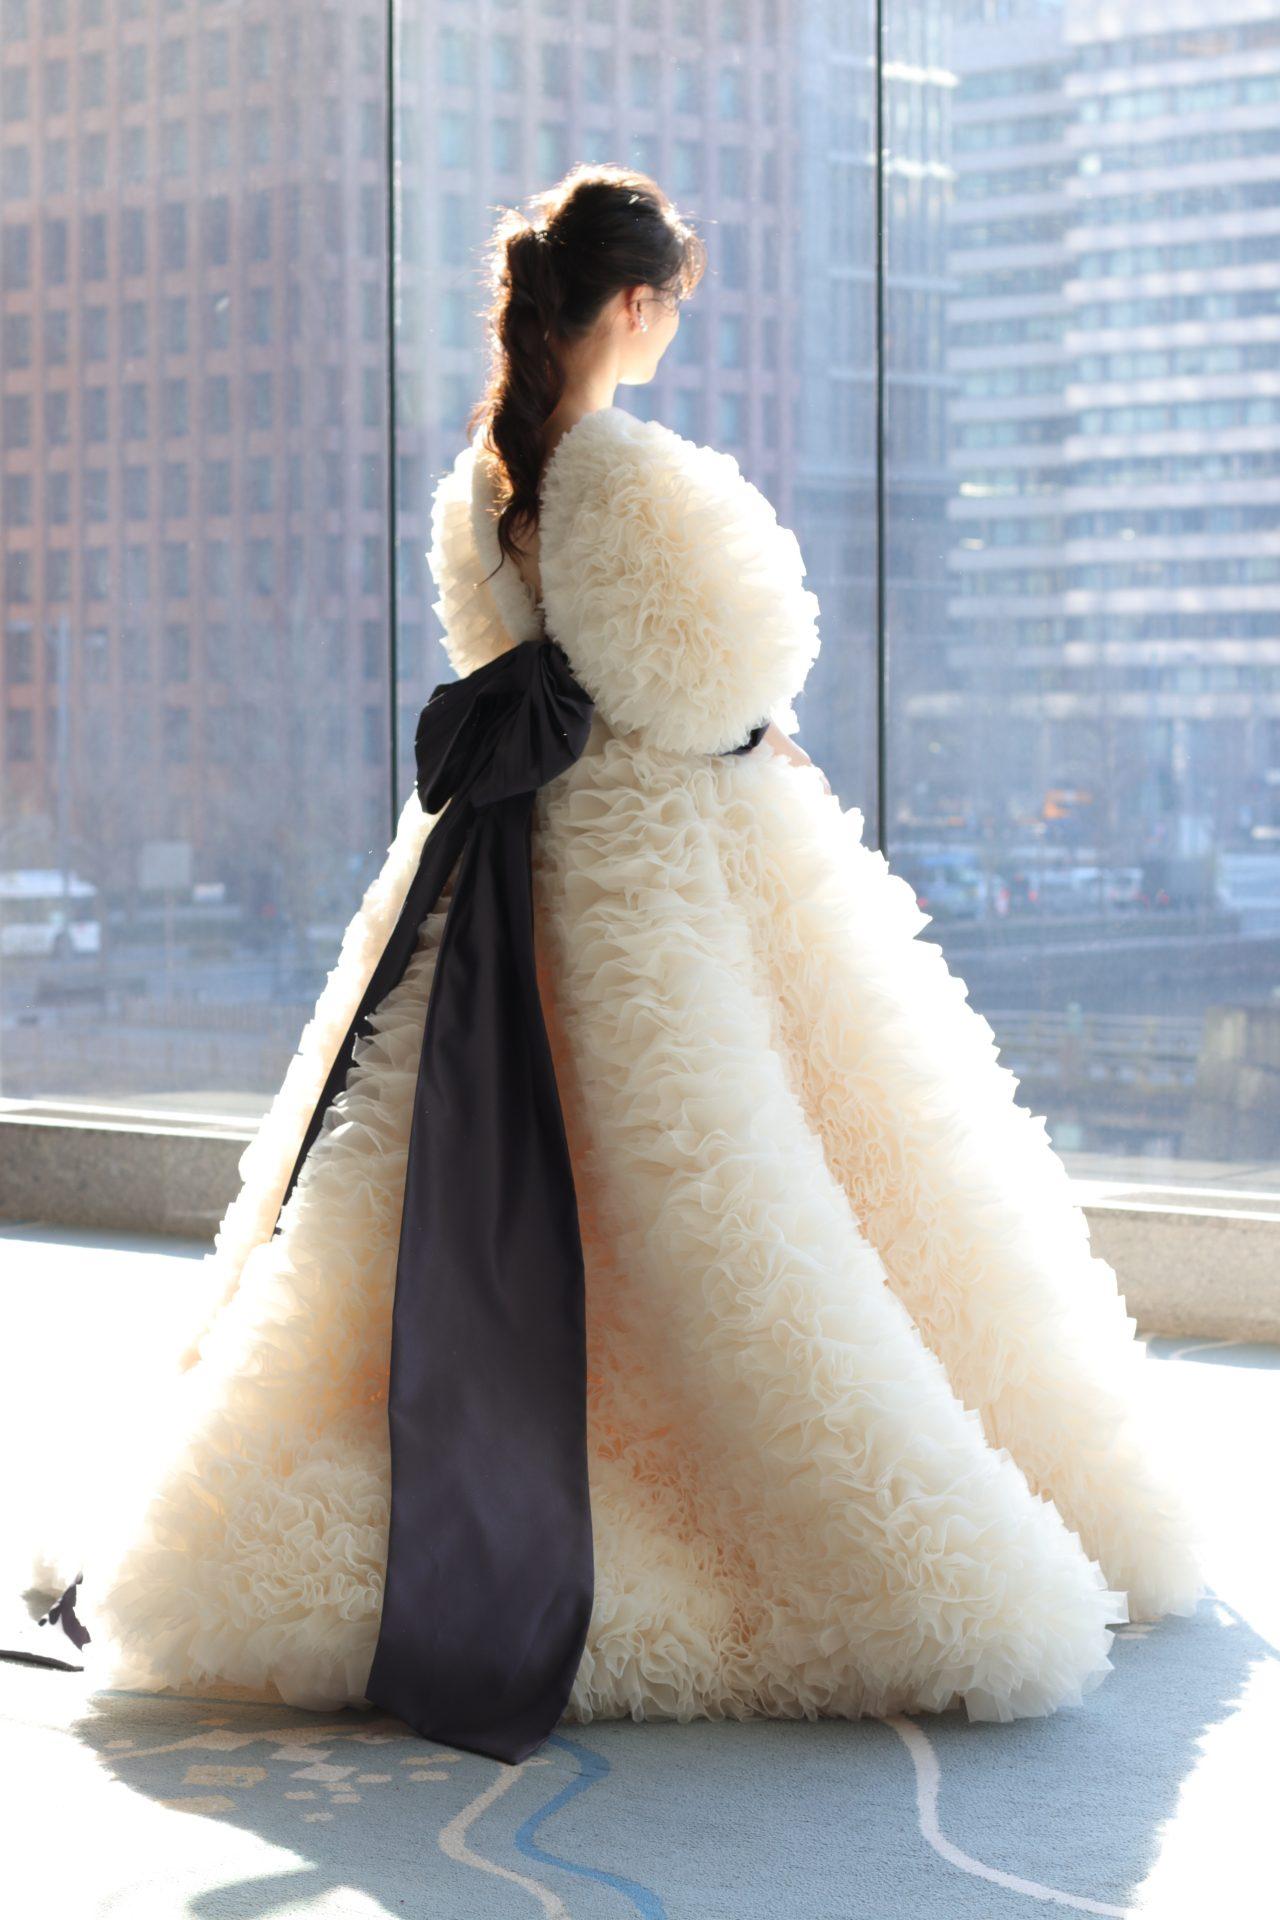 ホテルウェディングをお考えの東京のお洒落花嫁様におススメしたい新作ドレスは、オープンバックデザインと腰元から広がるバックリボンが印象的なTOMOKOIZUMIとTREATMAISONの新作コラボレーションドレスです